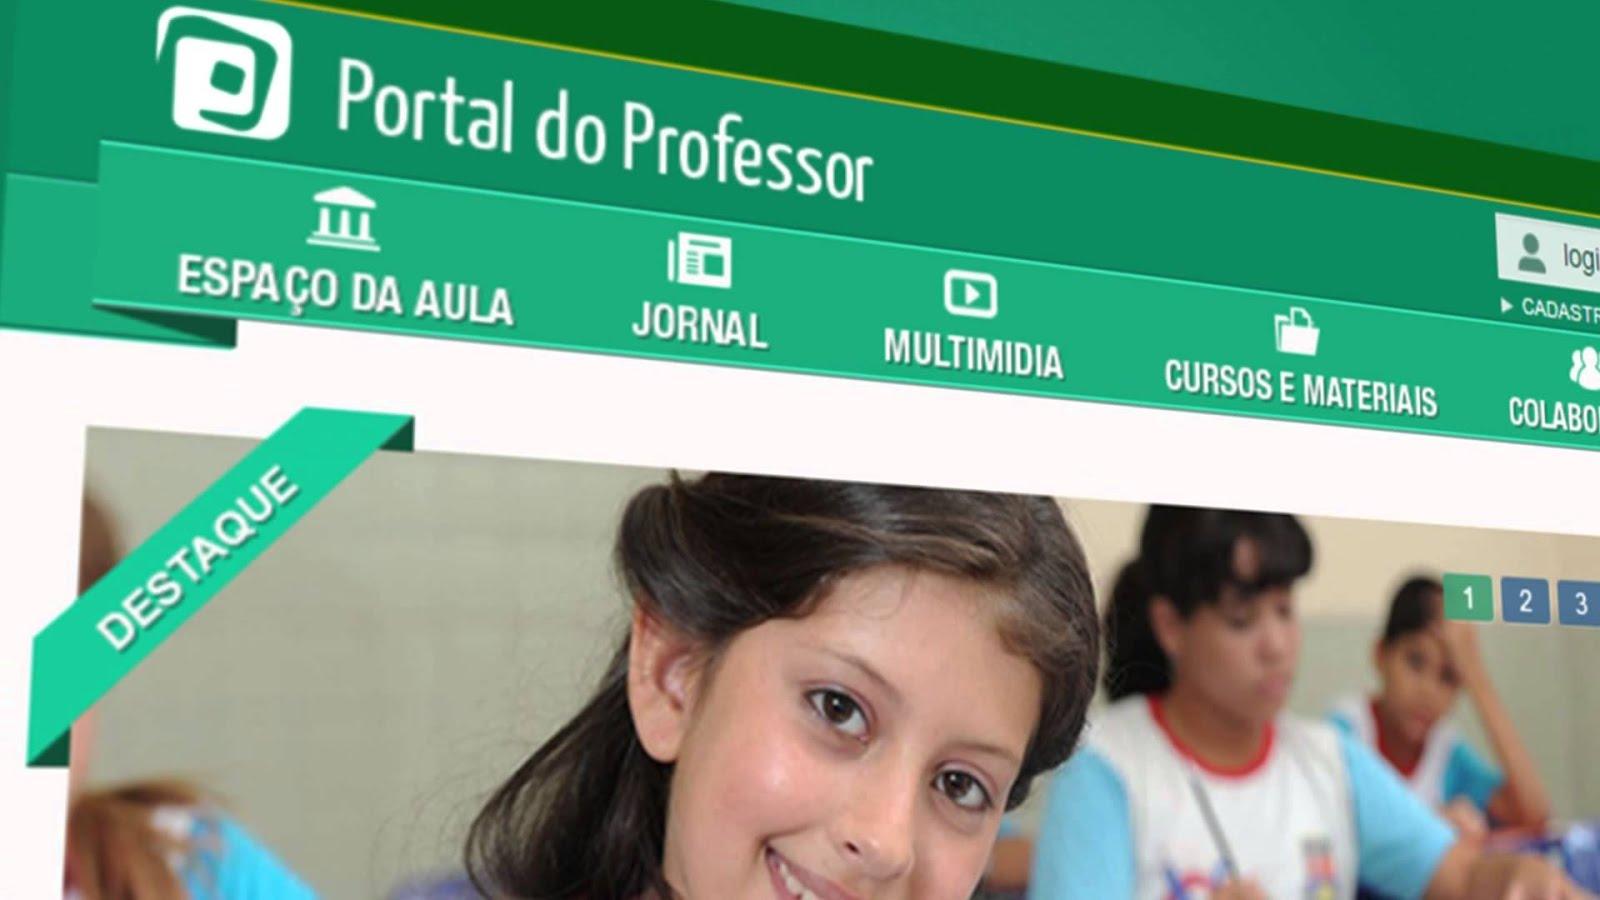 Portal do Professor